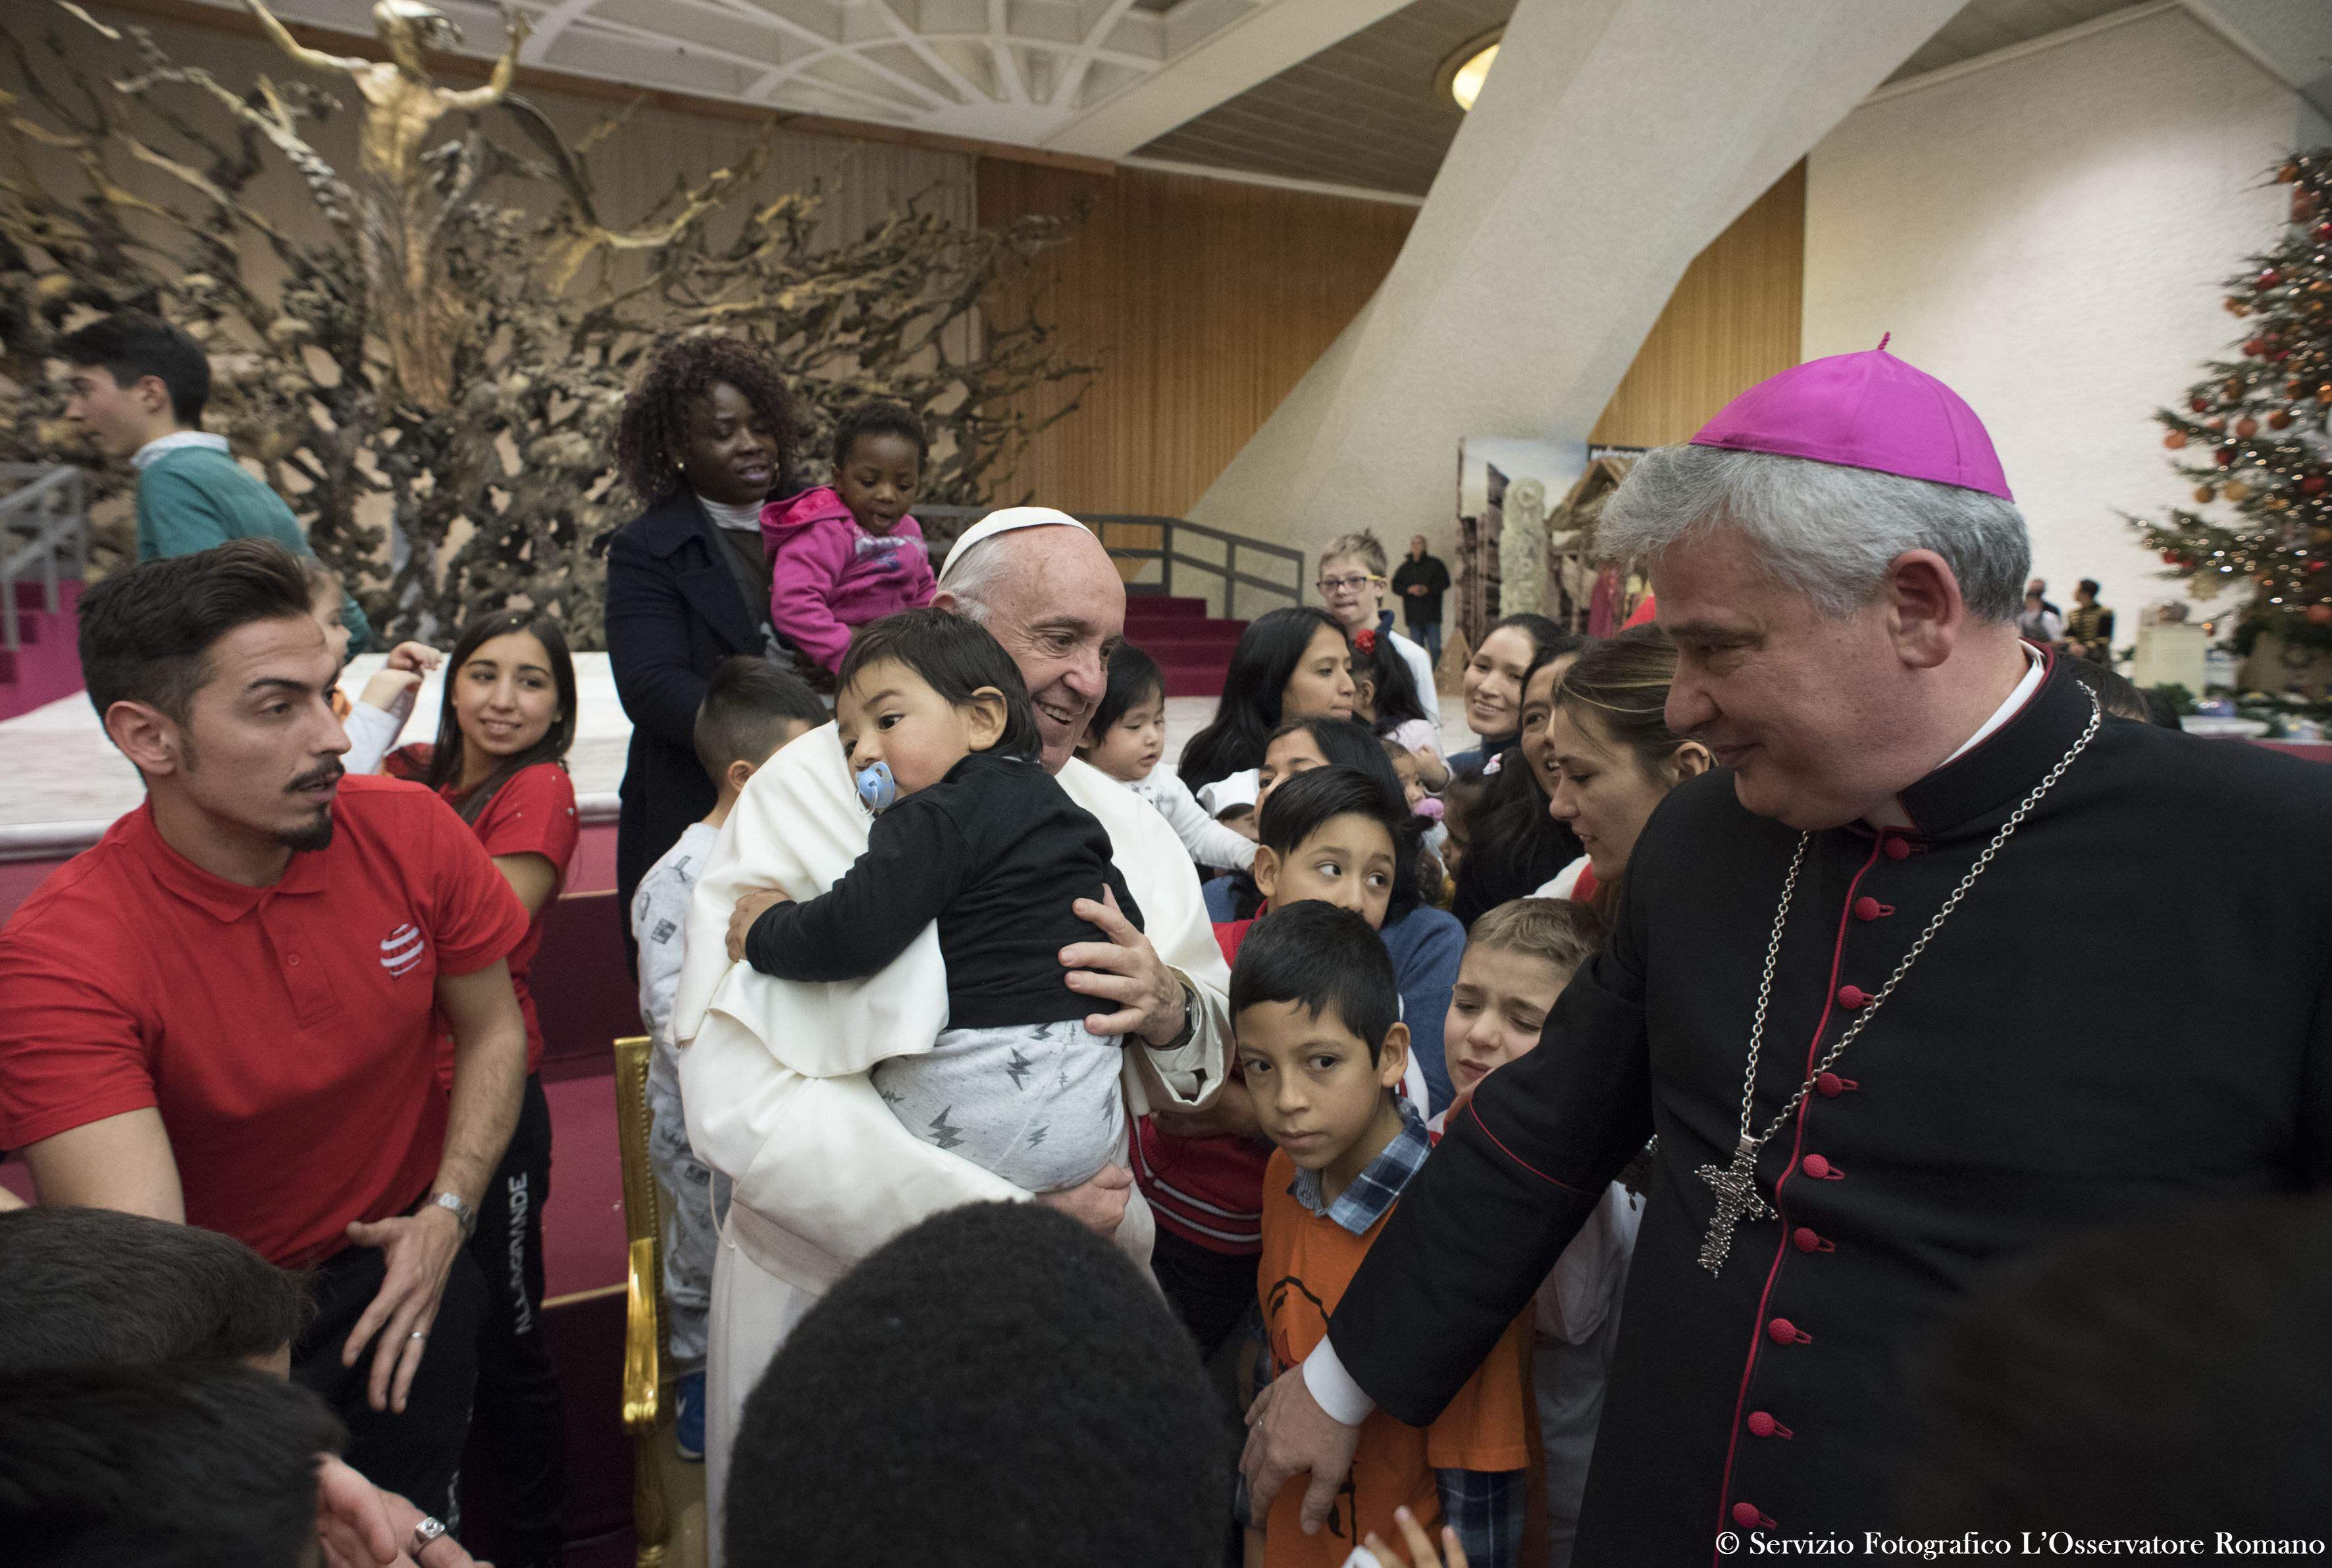 Enfants du Dispensaire Sainte-Marthe © L'Osservatore Romano